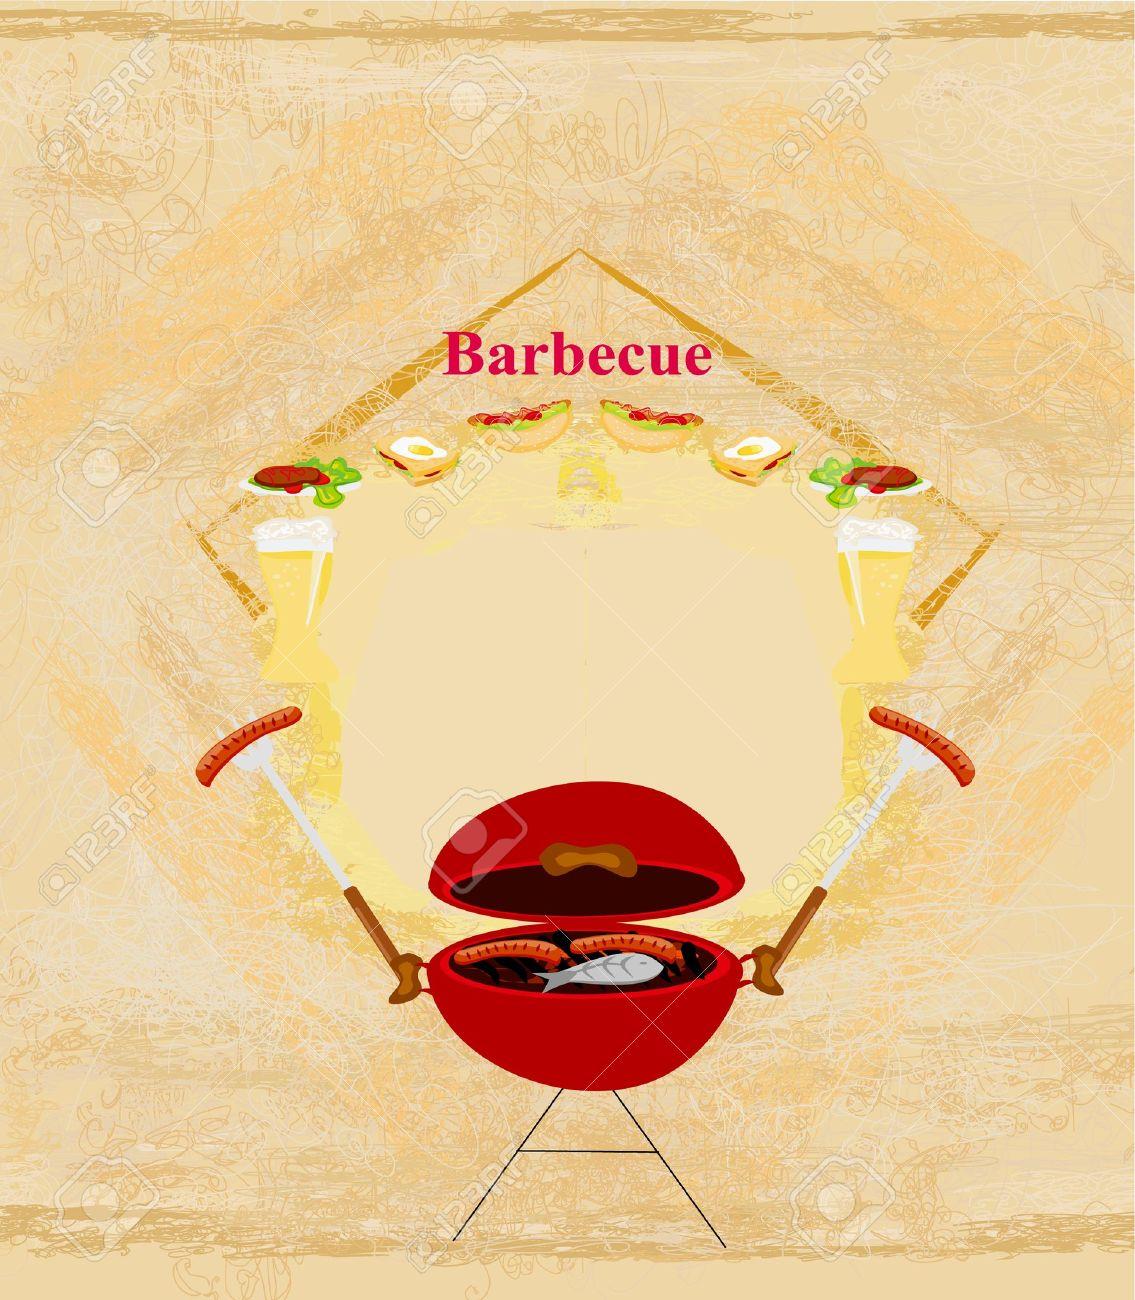 Vintage Barbecue Party Invitation Royalty Free Cliparts, Vectors ...